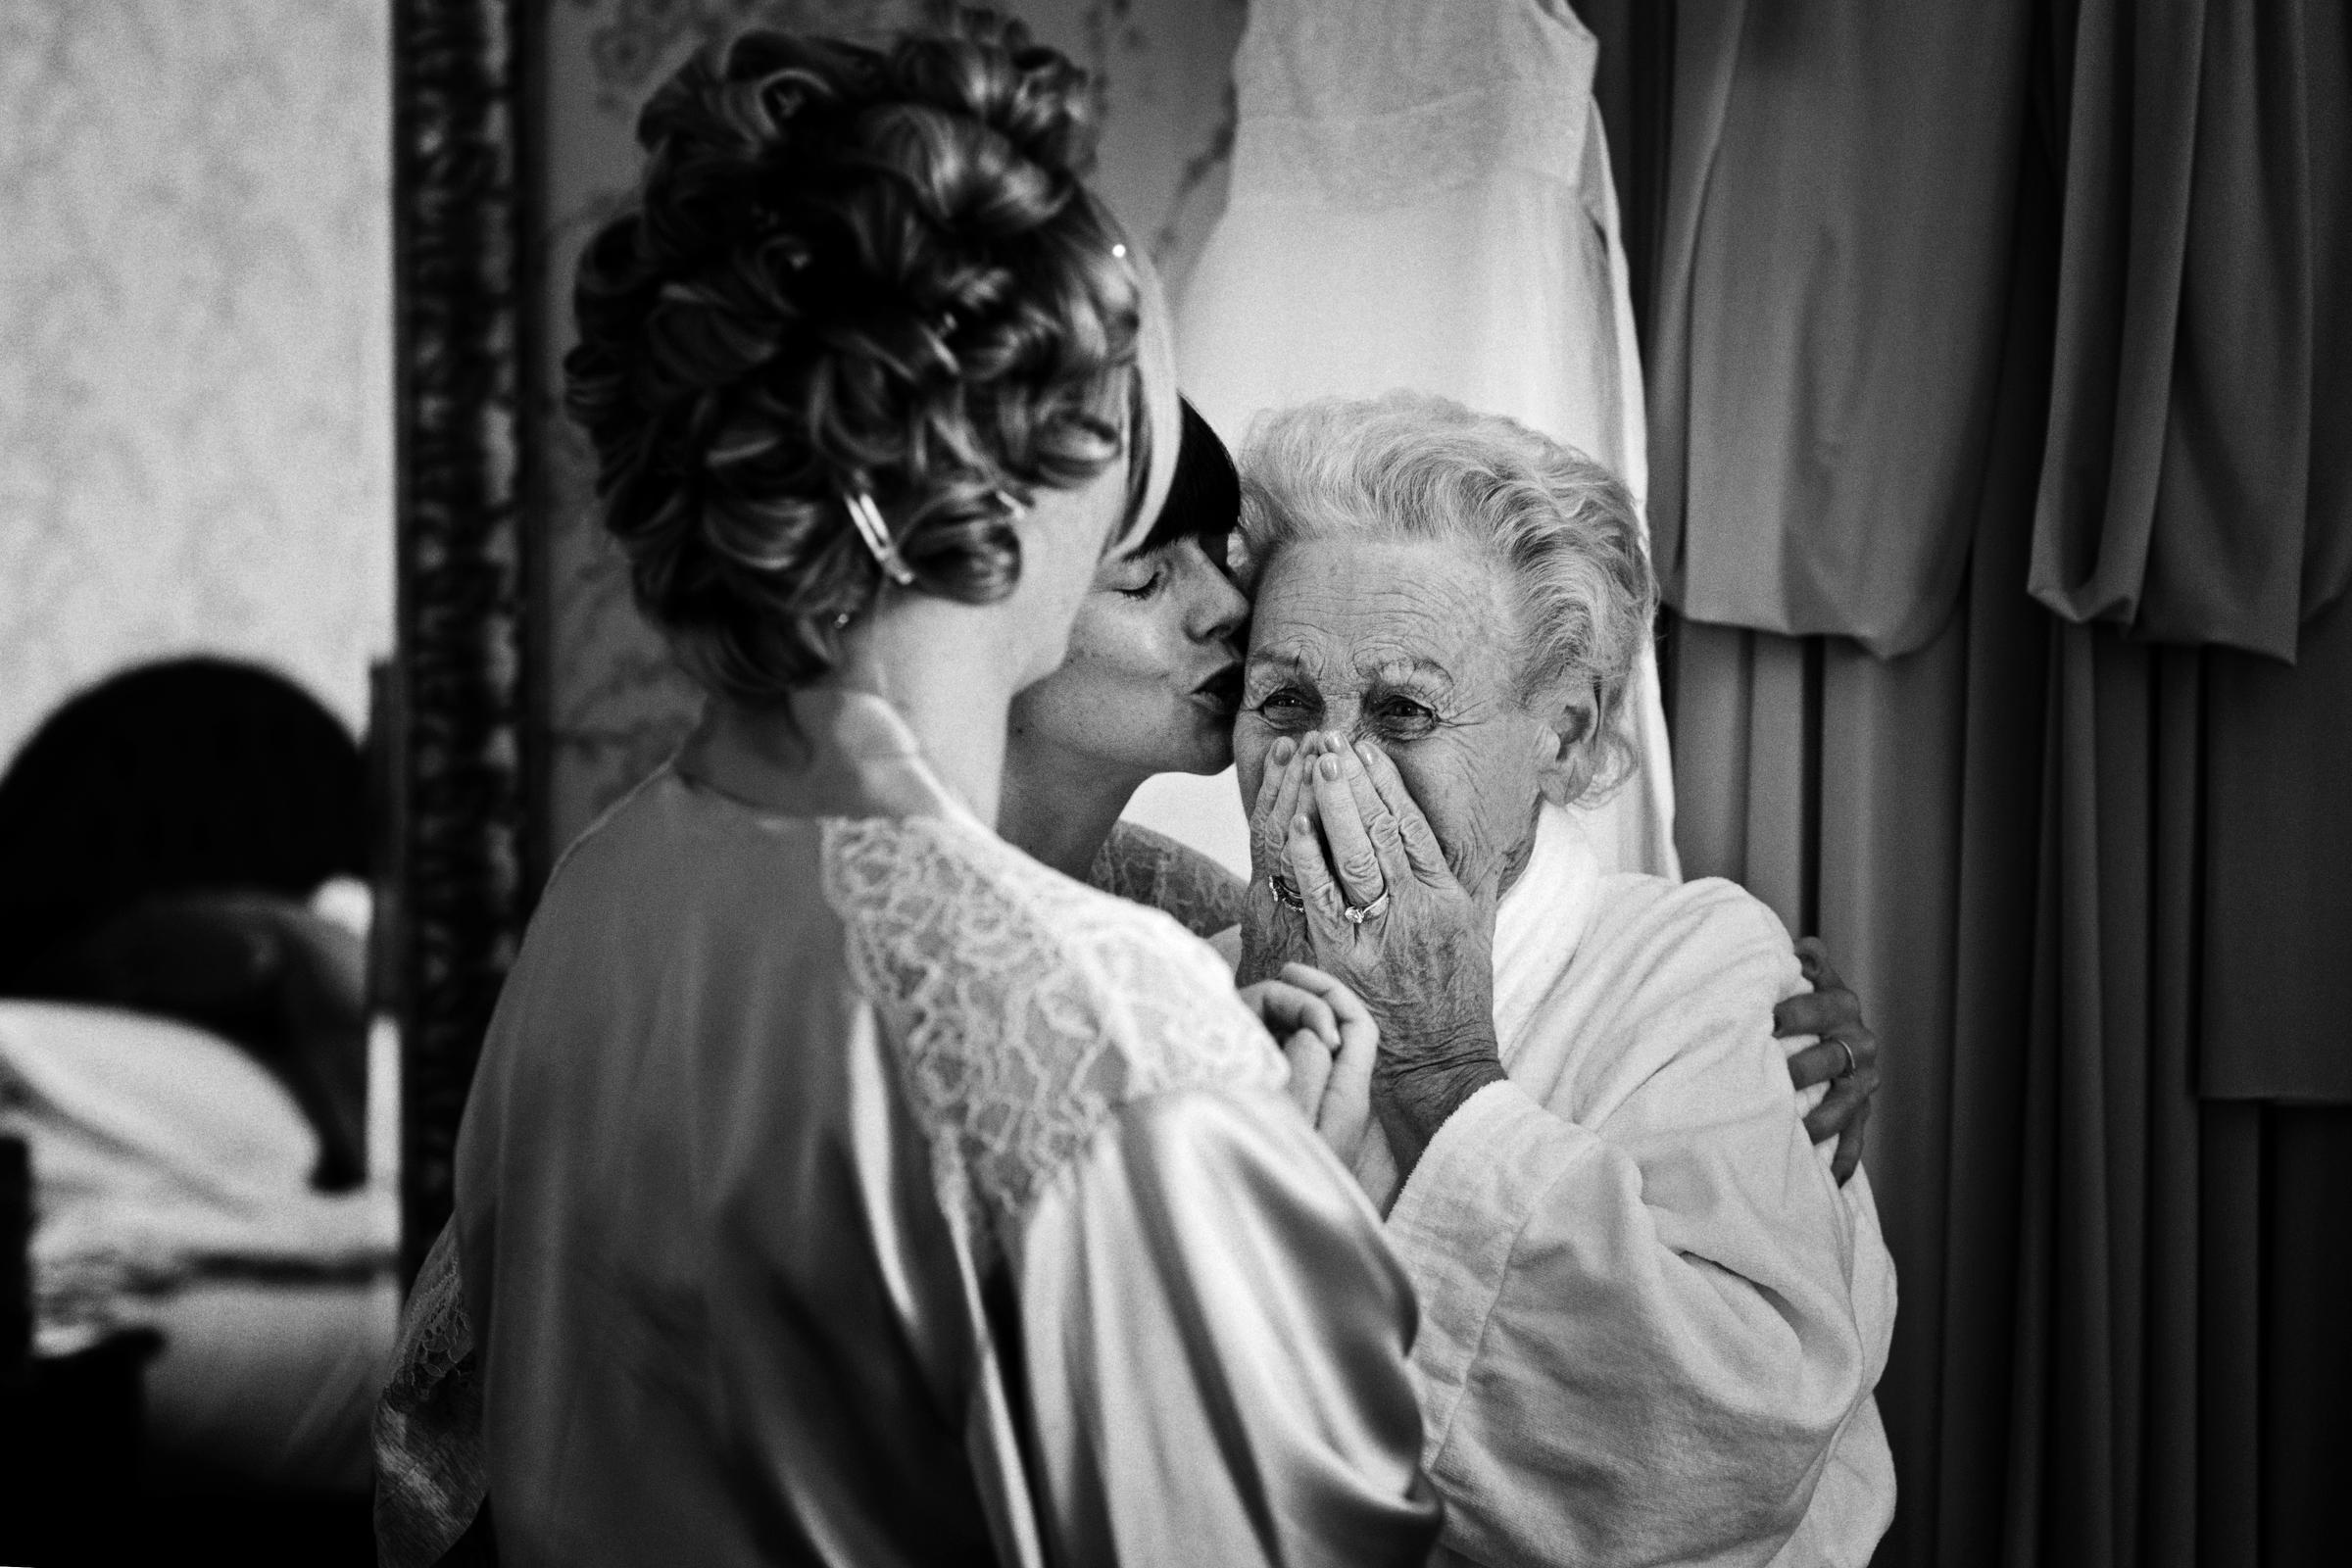 Grandma breaks down seeing bride in her wedding dress - photo by Jeff Ascough